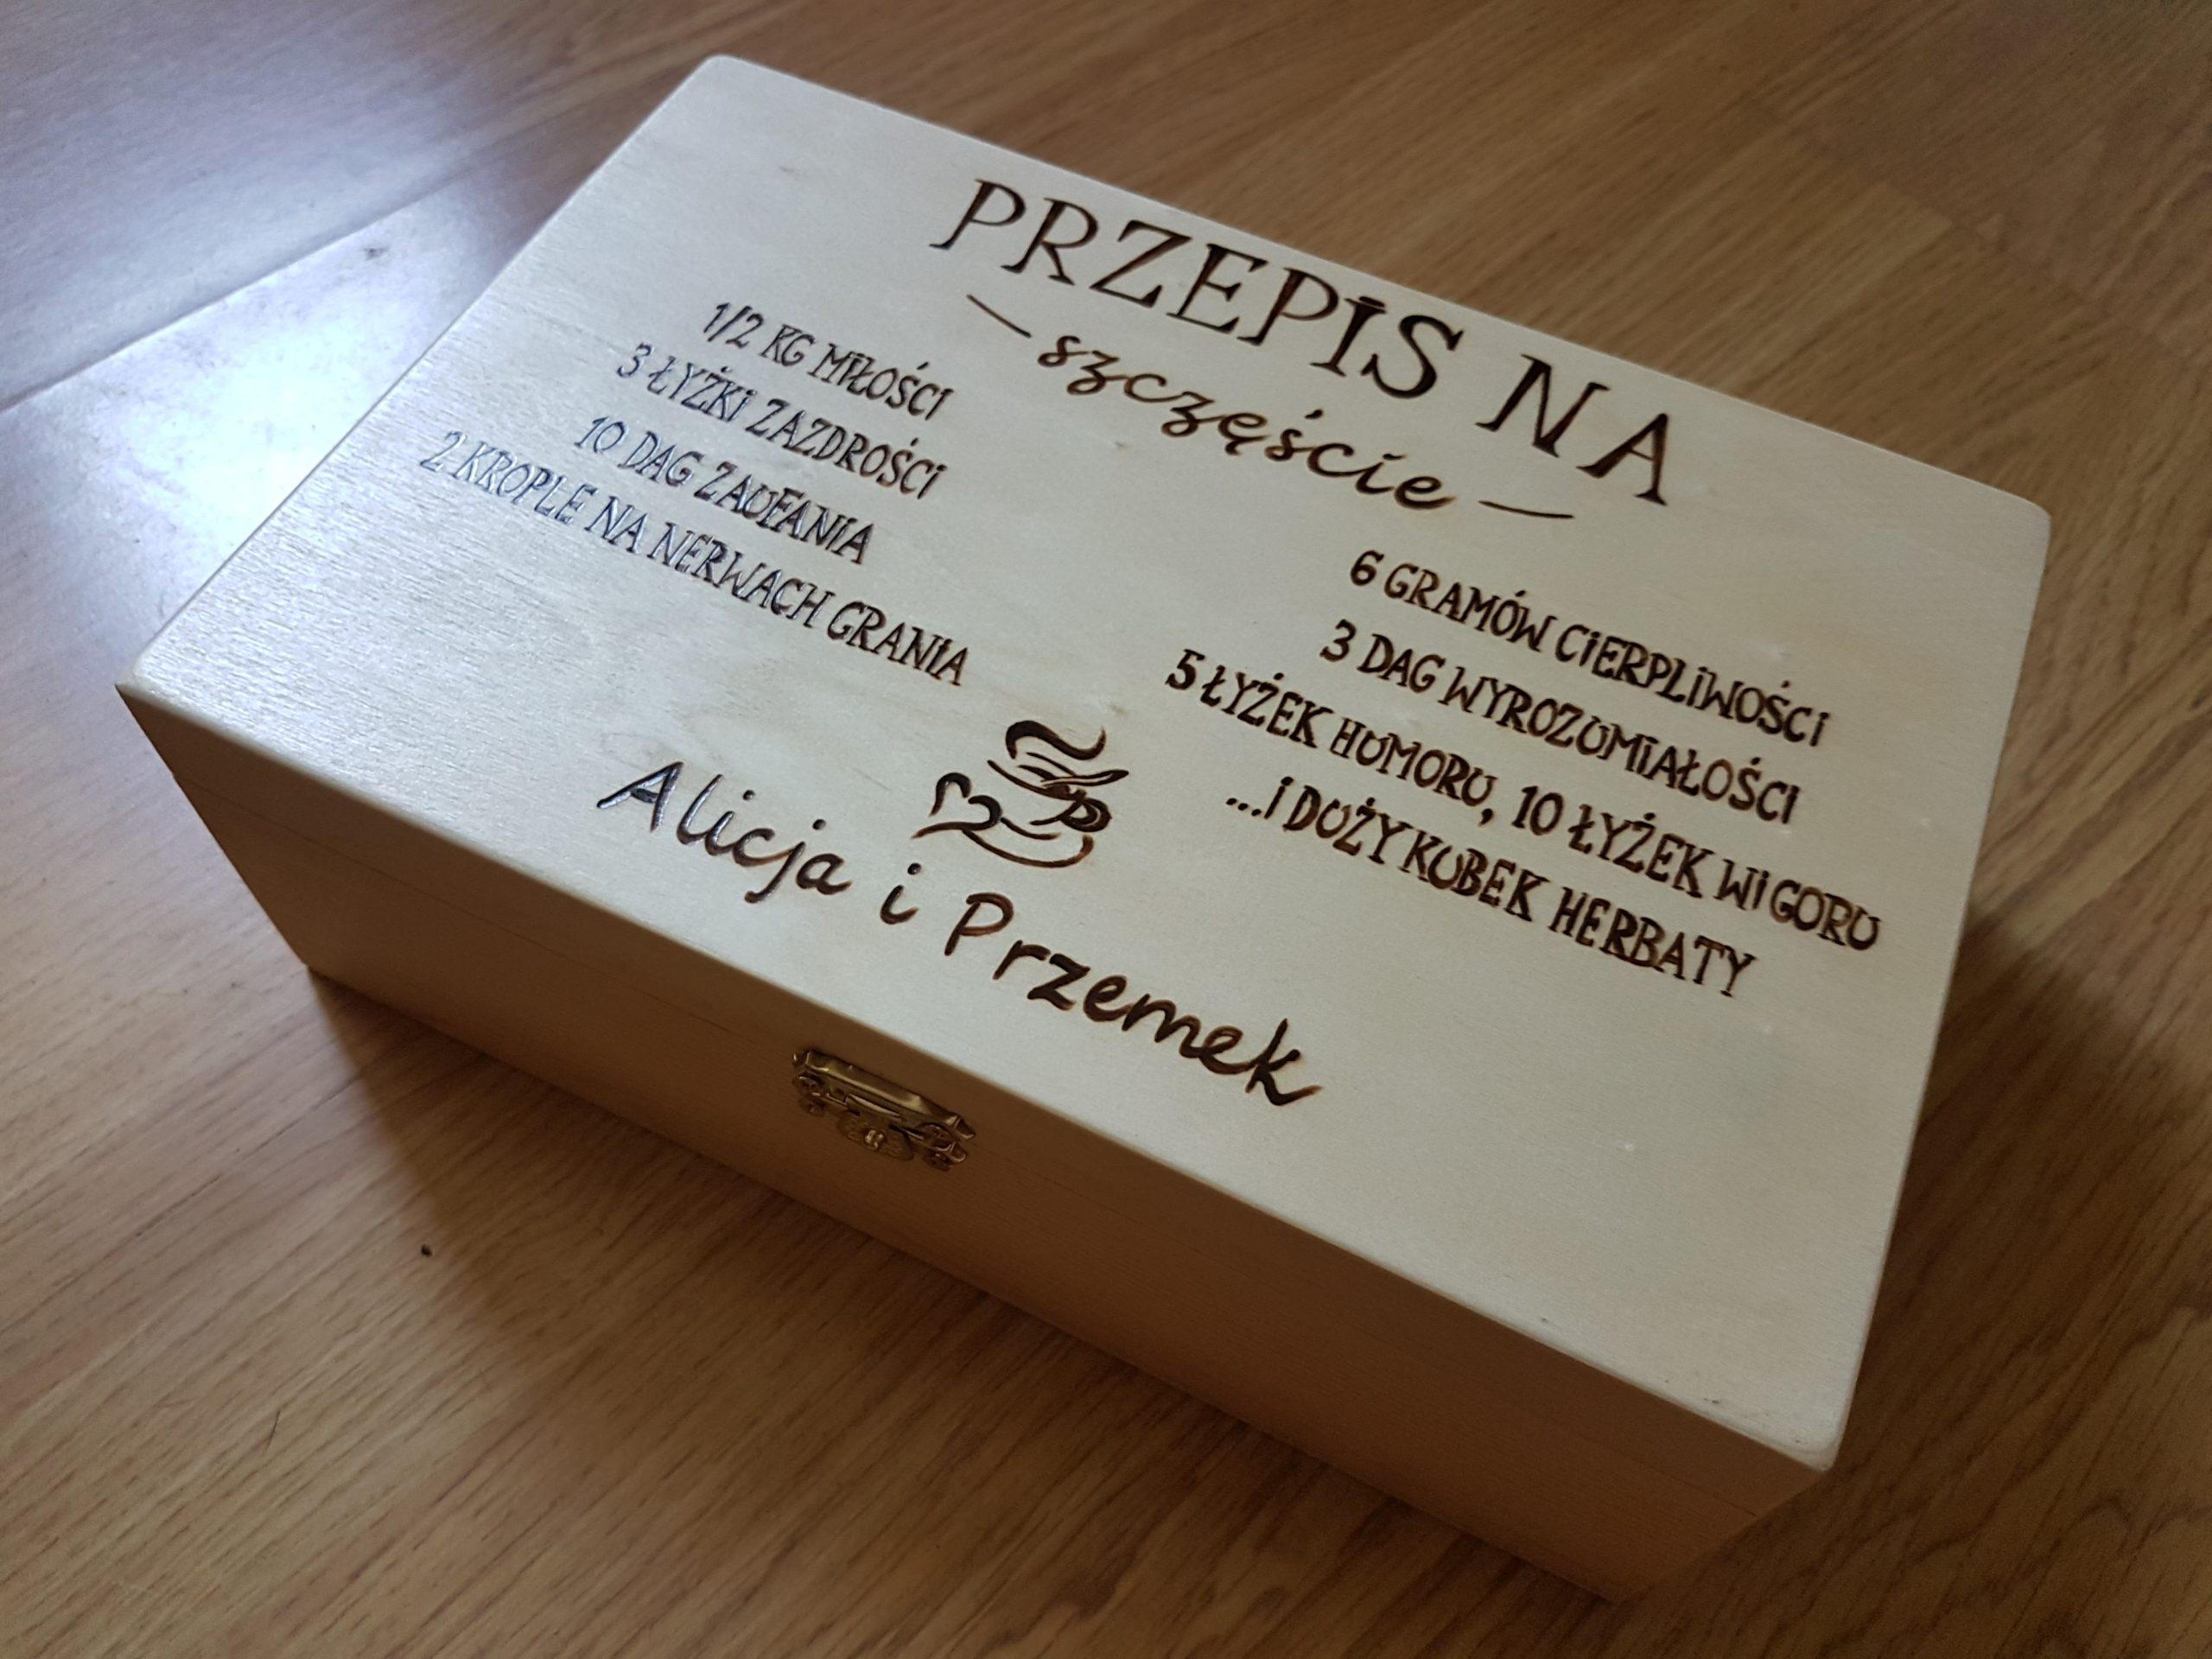 wypalanie w drewnie, sylwia, pirografia, janczyszyn, pyrography, handmade, rękodzieło, pomysł na prezent, pudełko na herbatę, herbaciarka